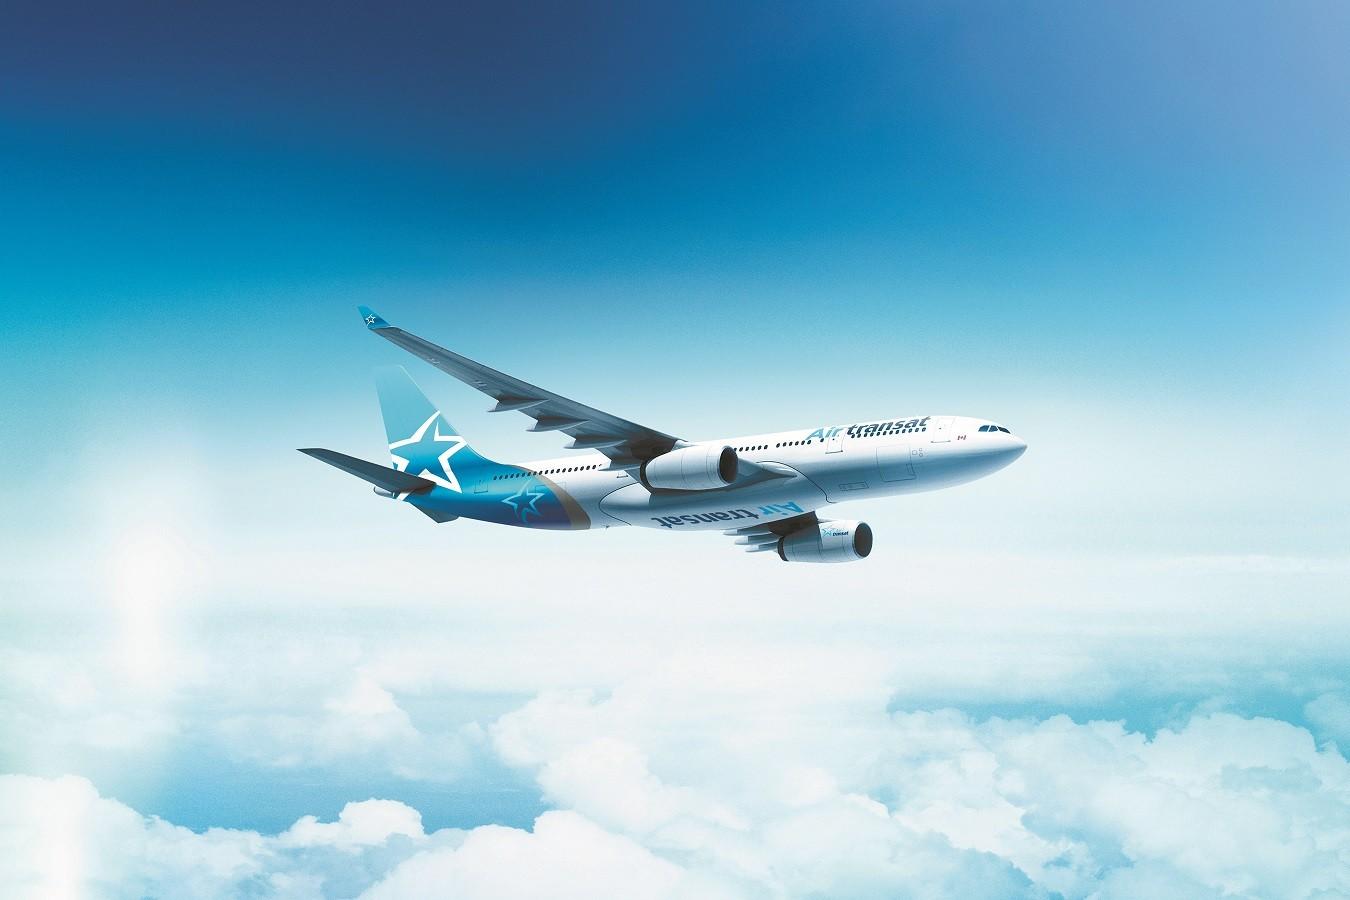 Air Canada achète Transat pour 520 millions ; Claude Gingras en pleine forme pour développer TravelSavers au Québec